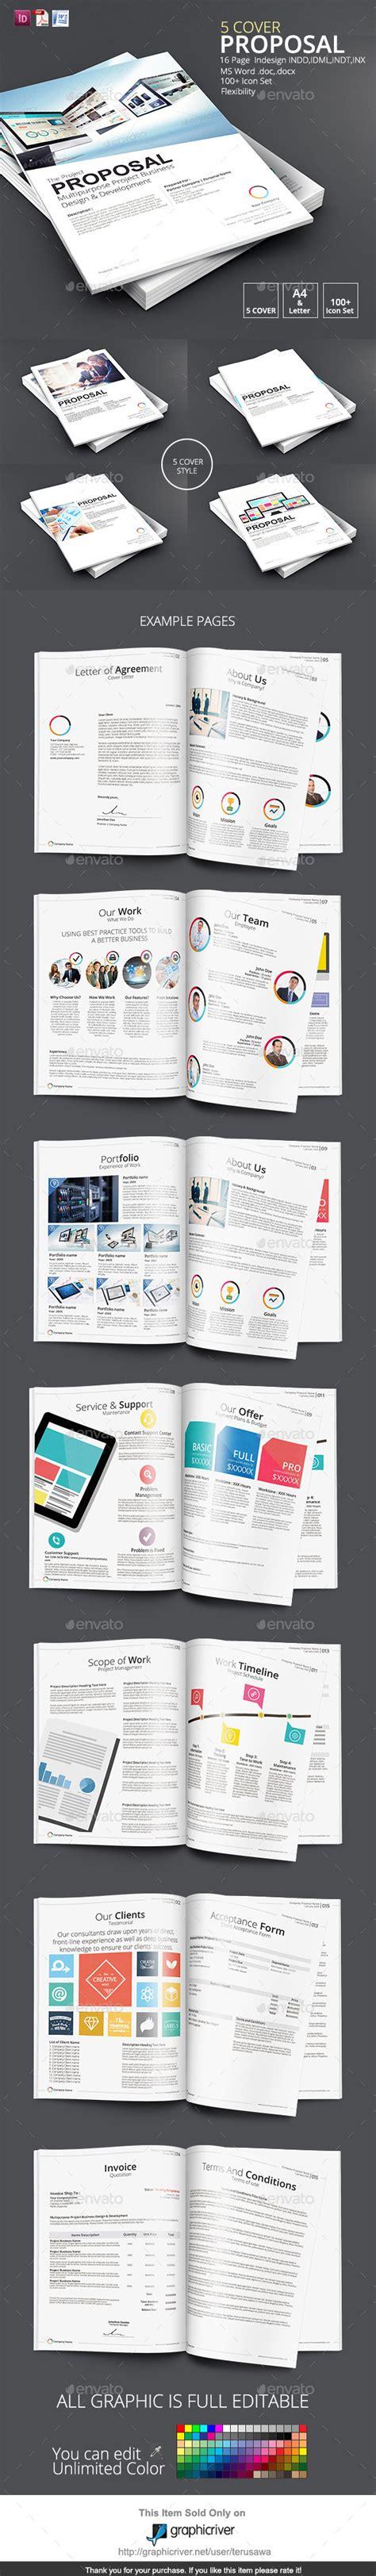 proposal usaha desain grafis contoh business plan desain grafis contoh m